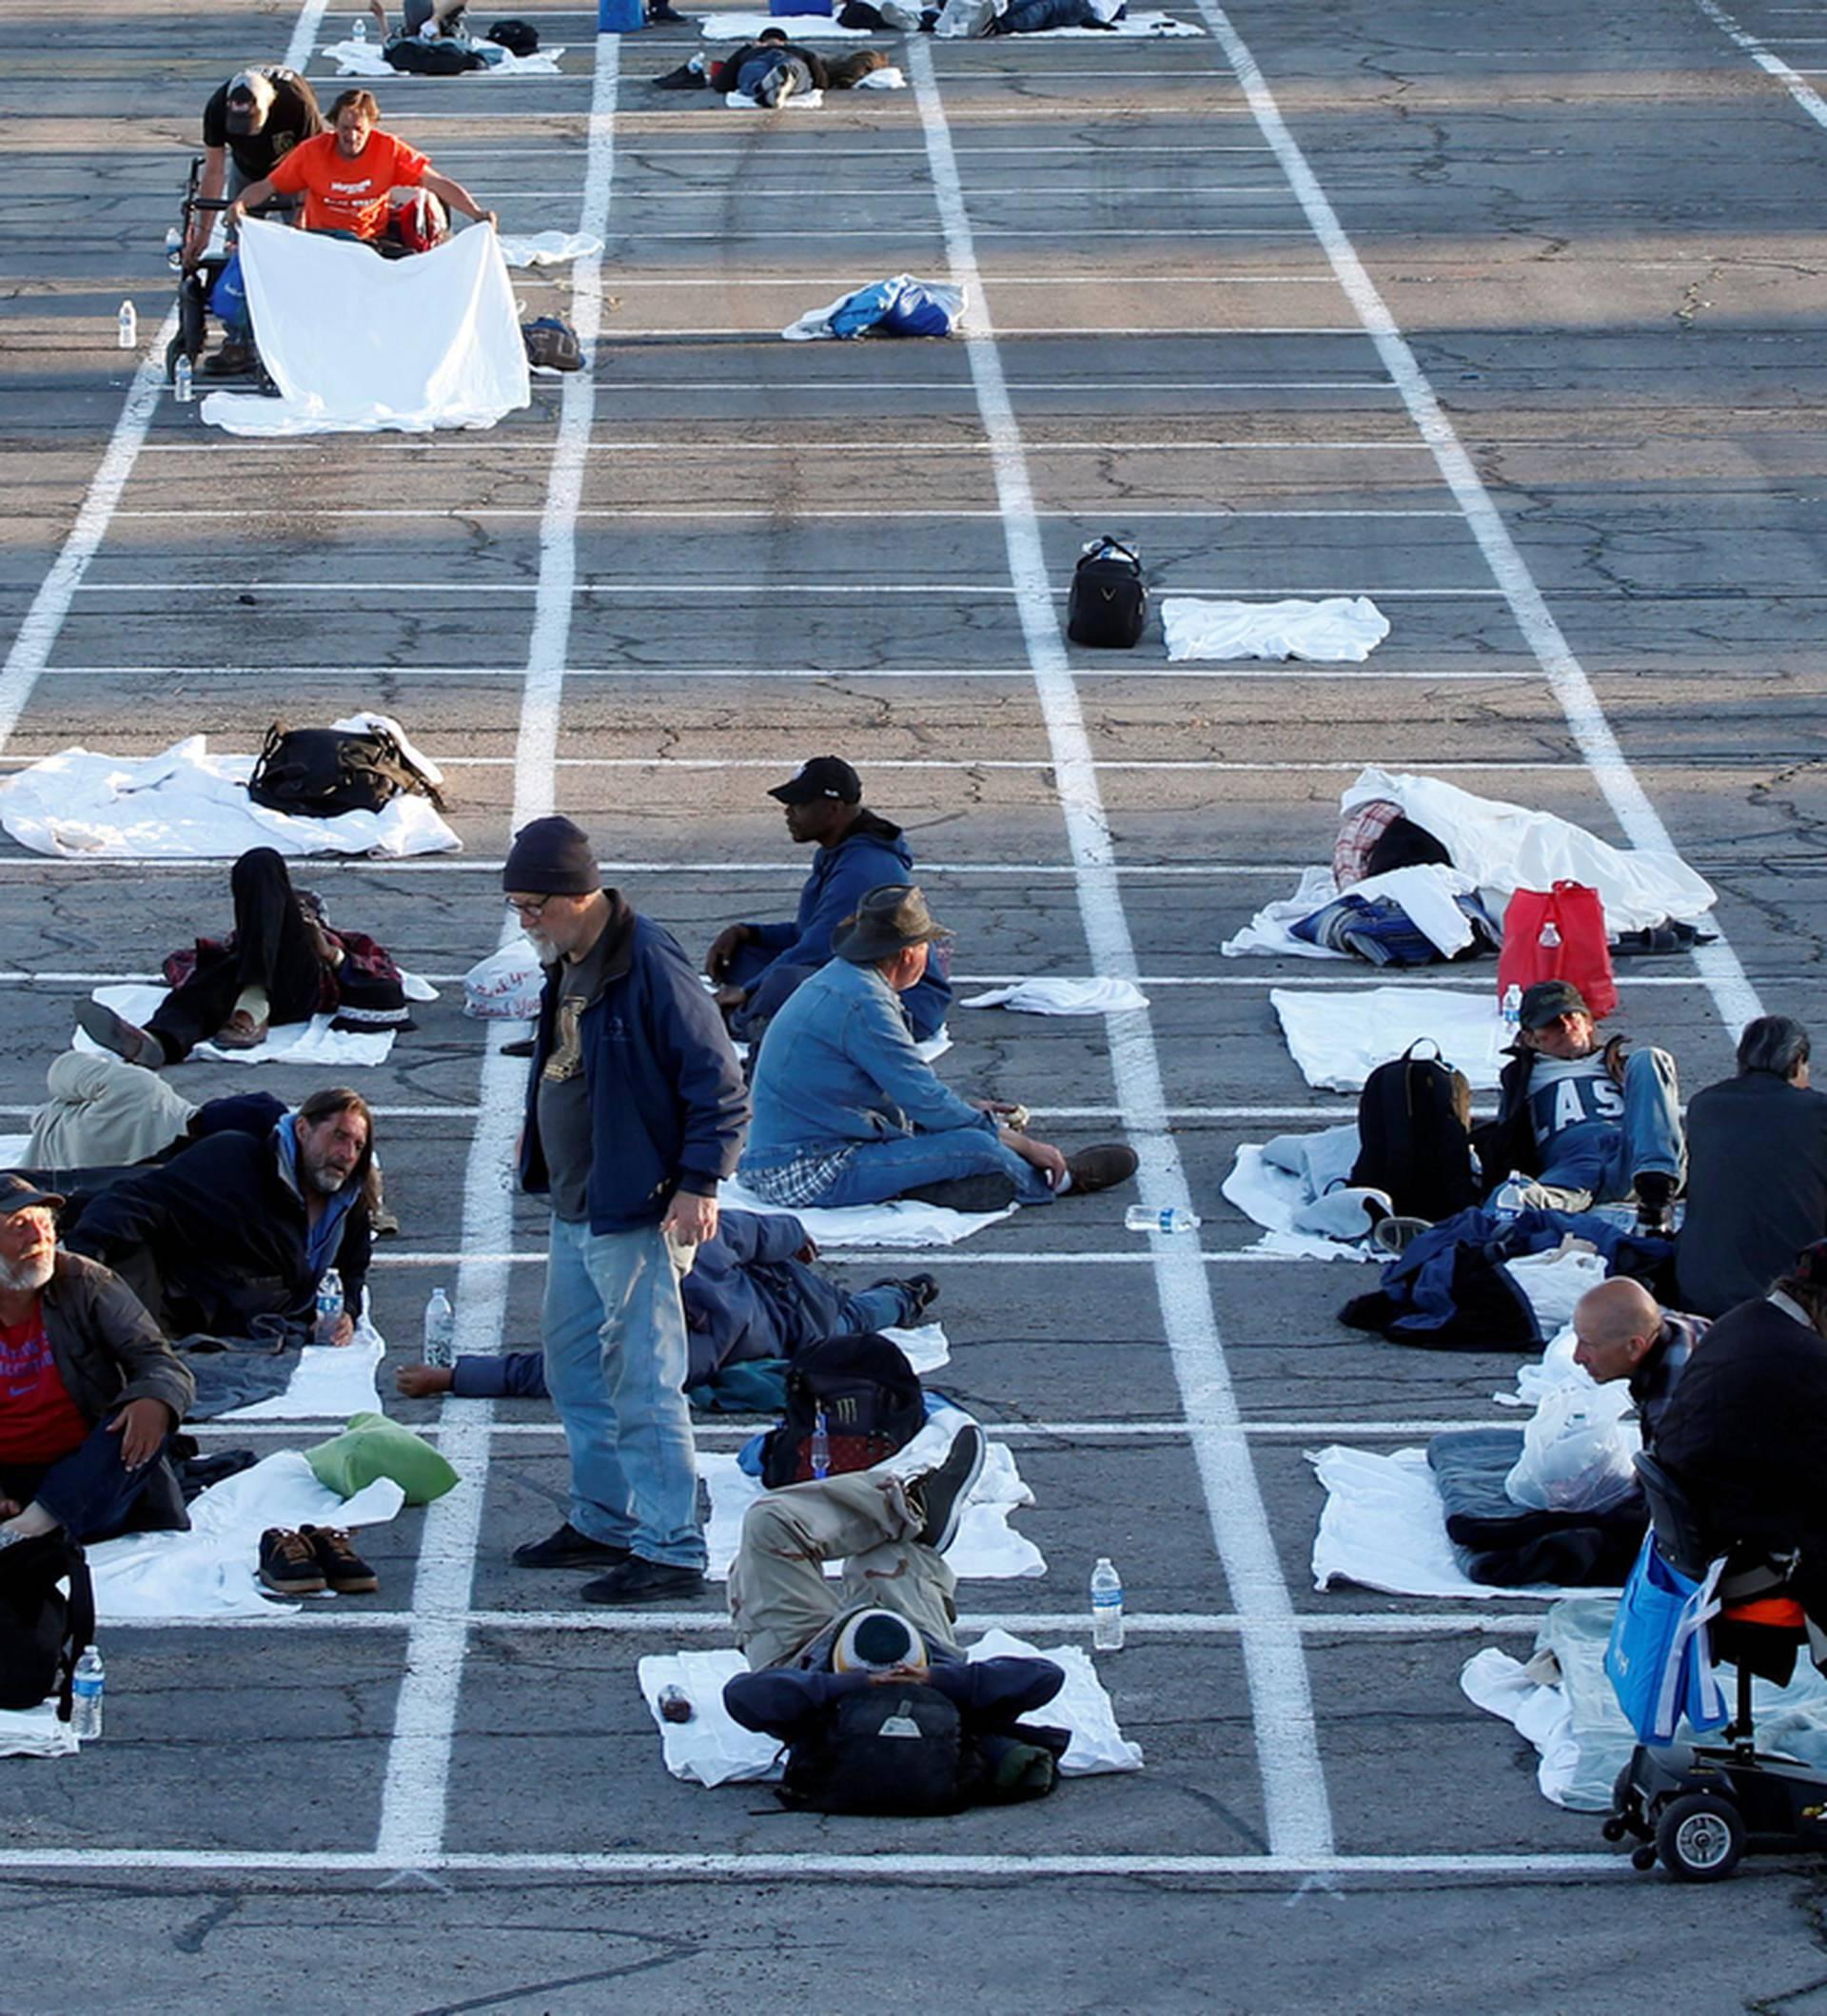 Beskućnike na parkiralištu drže u nacrtanim pravokutnicima!